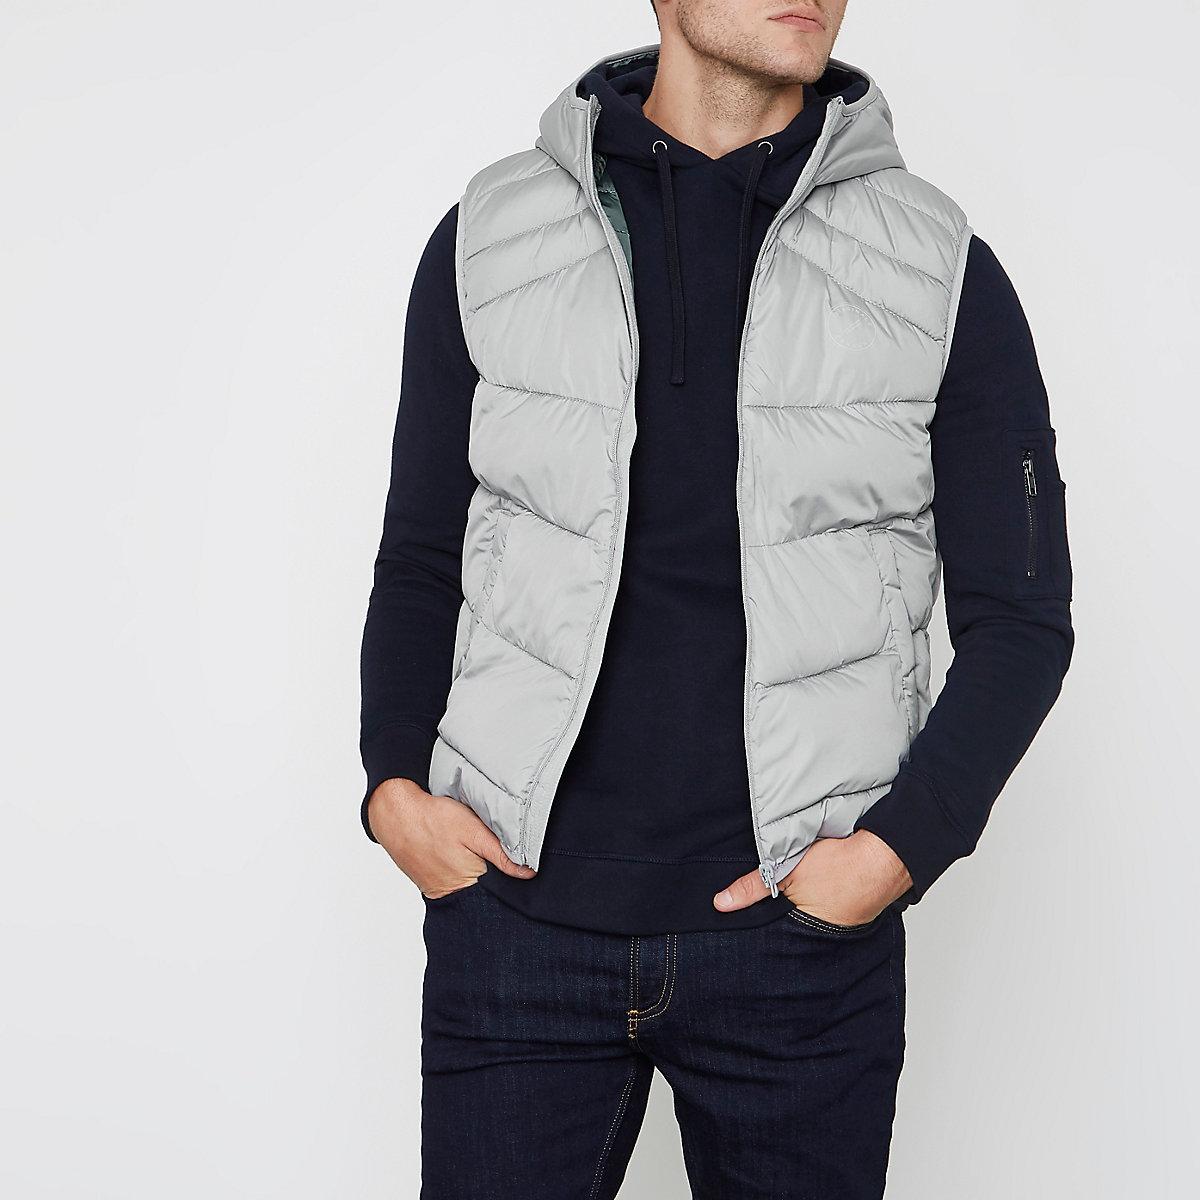 Jack & Jones grey hooded puffer vest